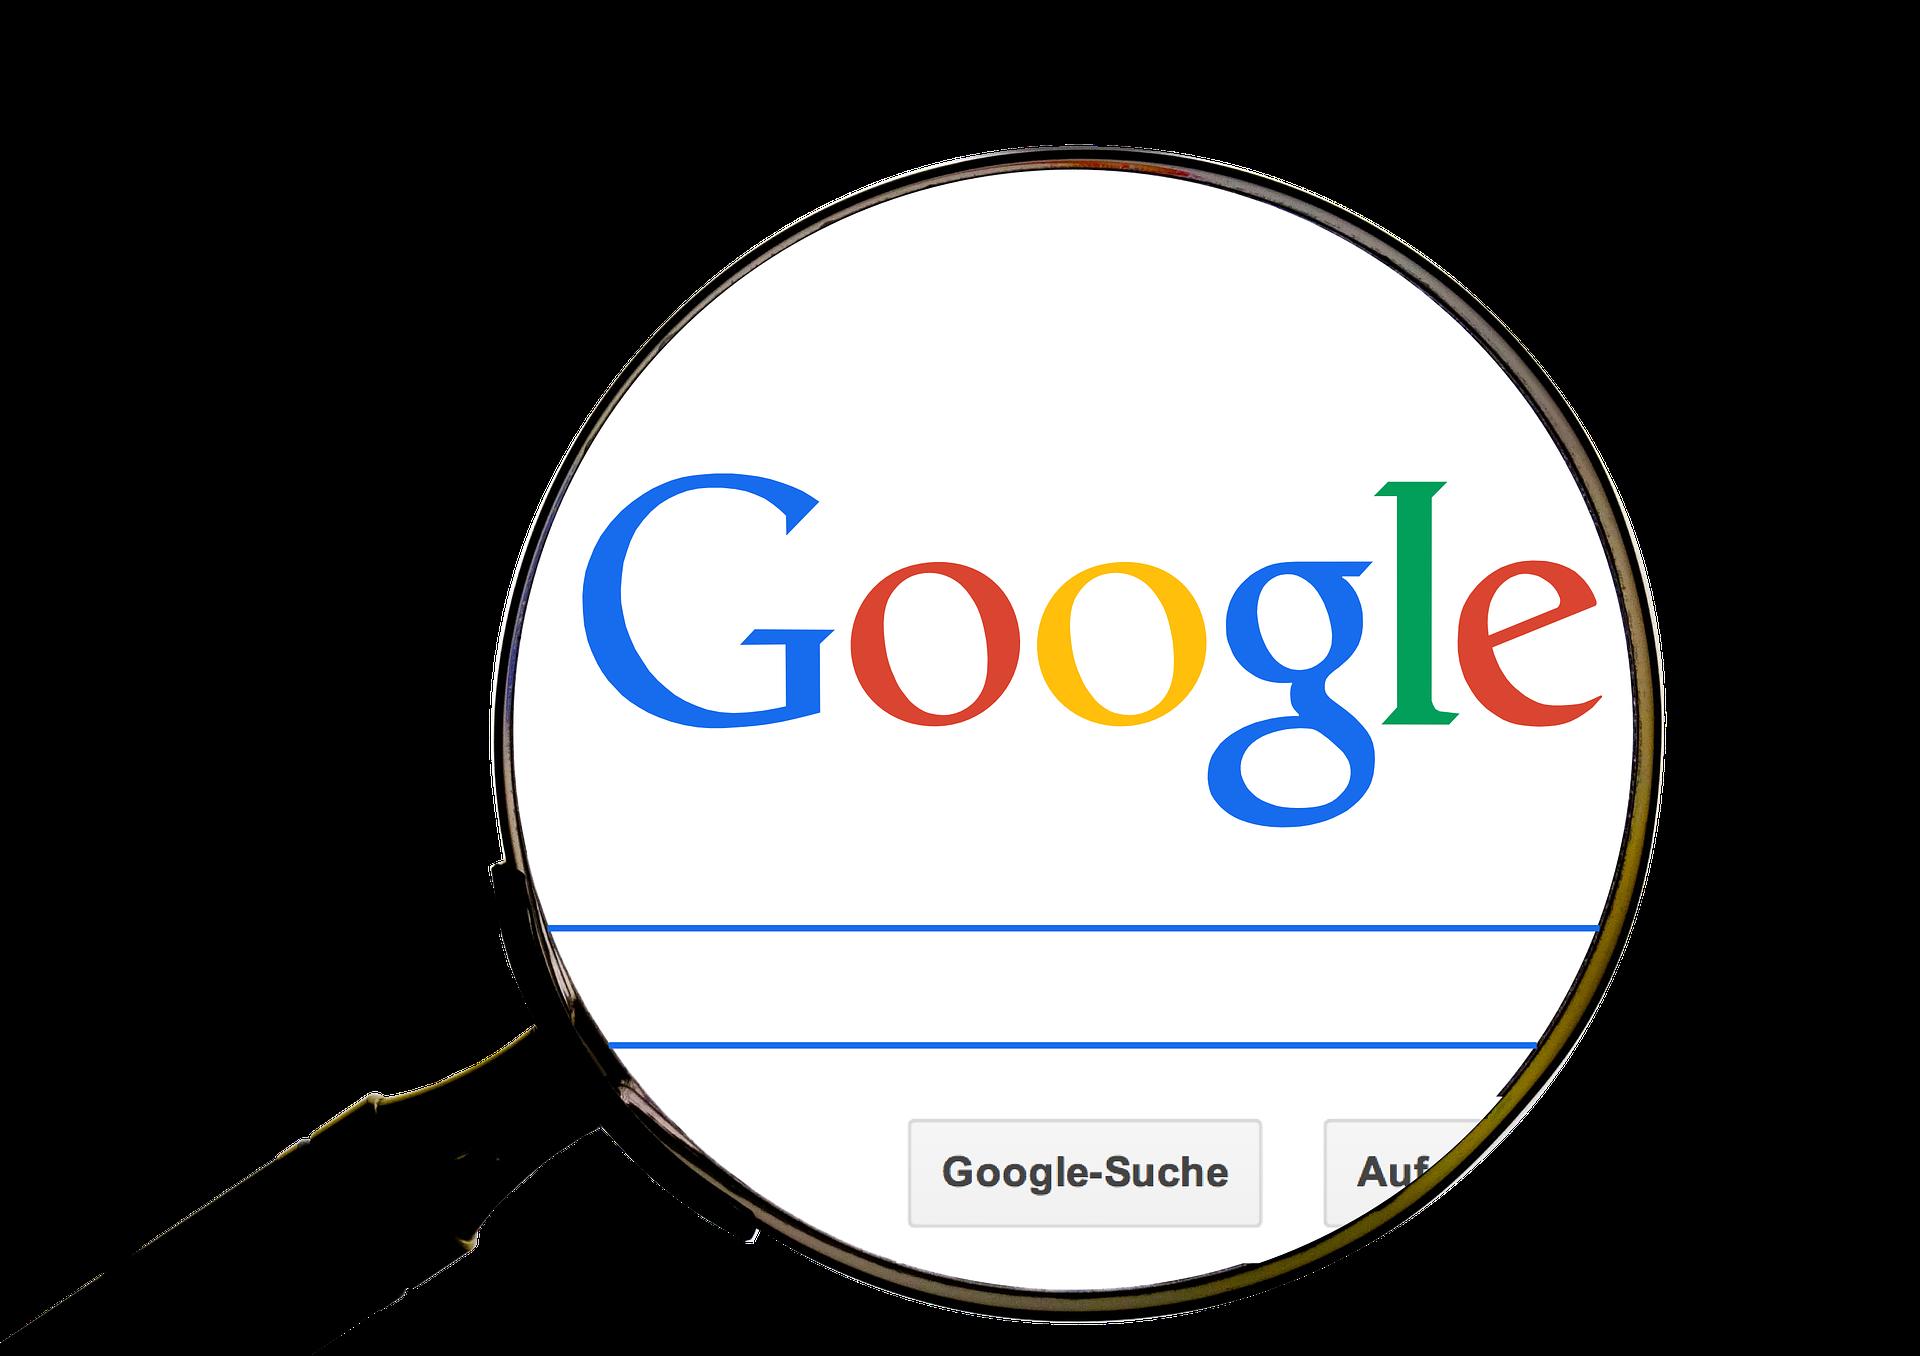 Google maakt alle kwetsbaarheden na 90 dagen openbaar